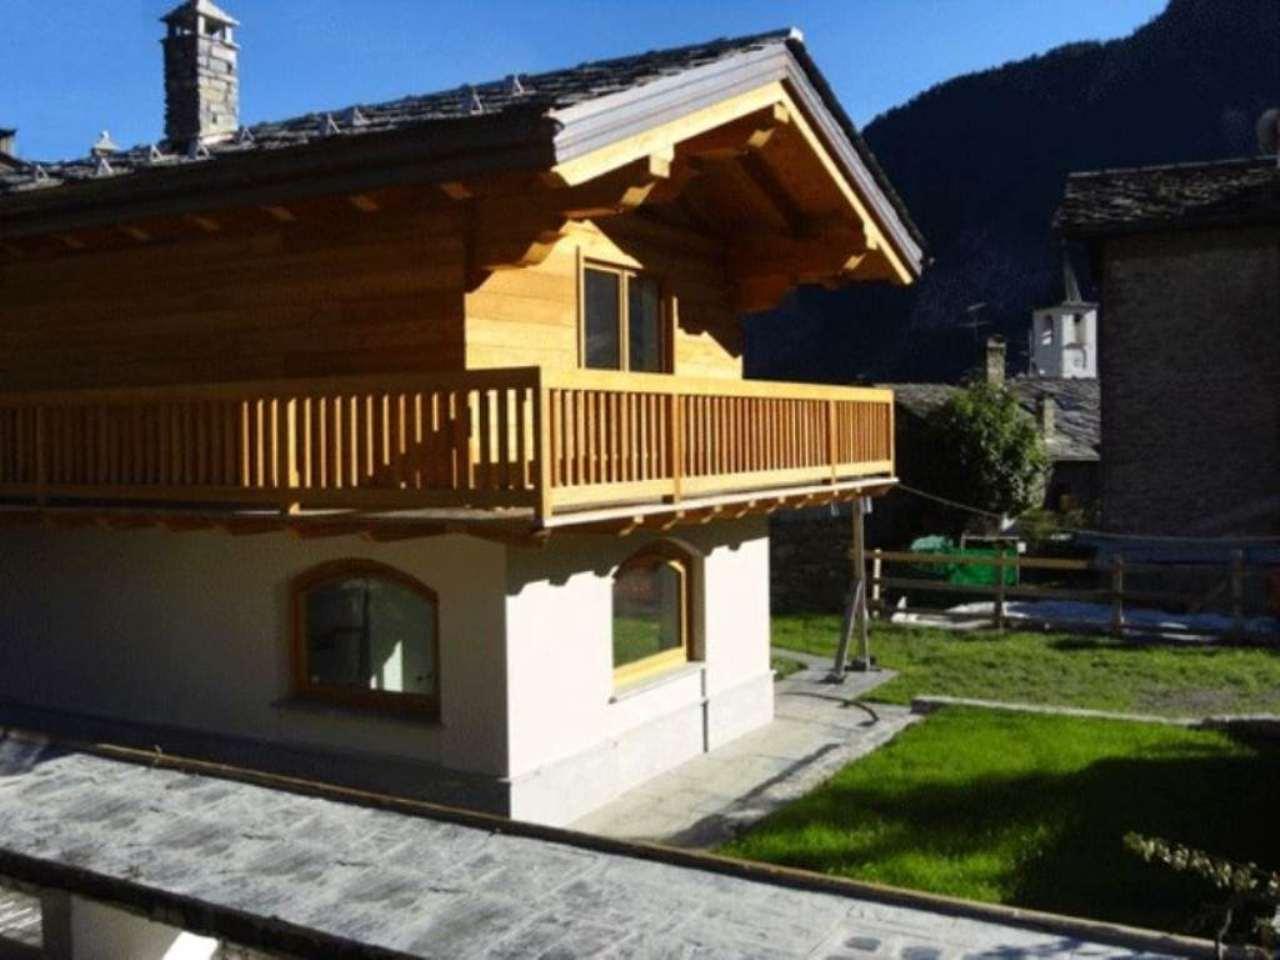 Stunning Azienda Di Soggiorno Courmayeur Images - Design and Ideas ...